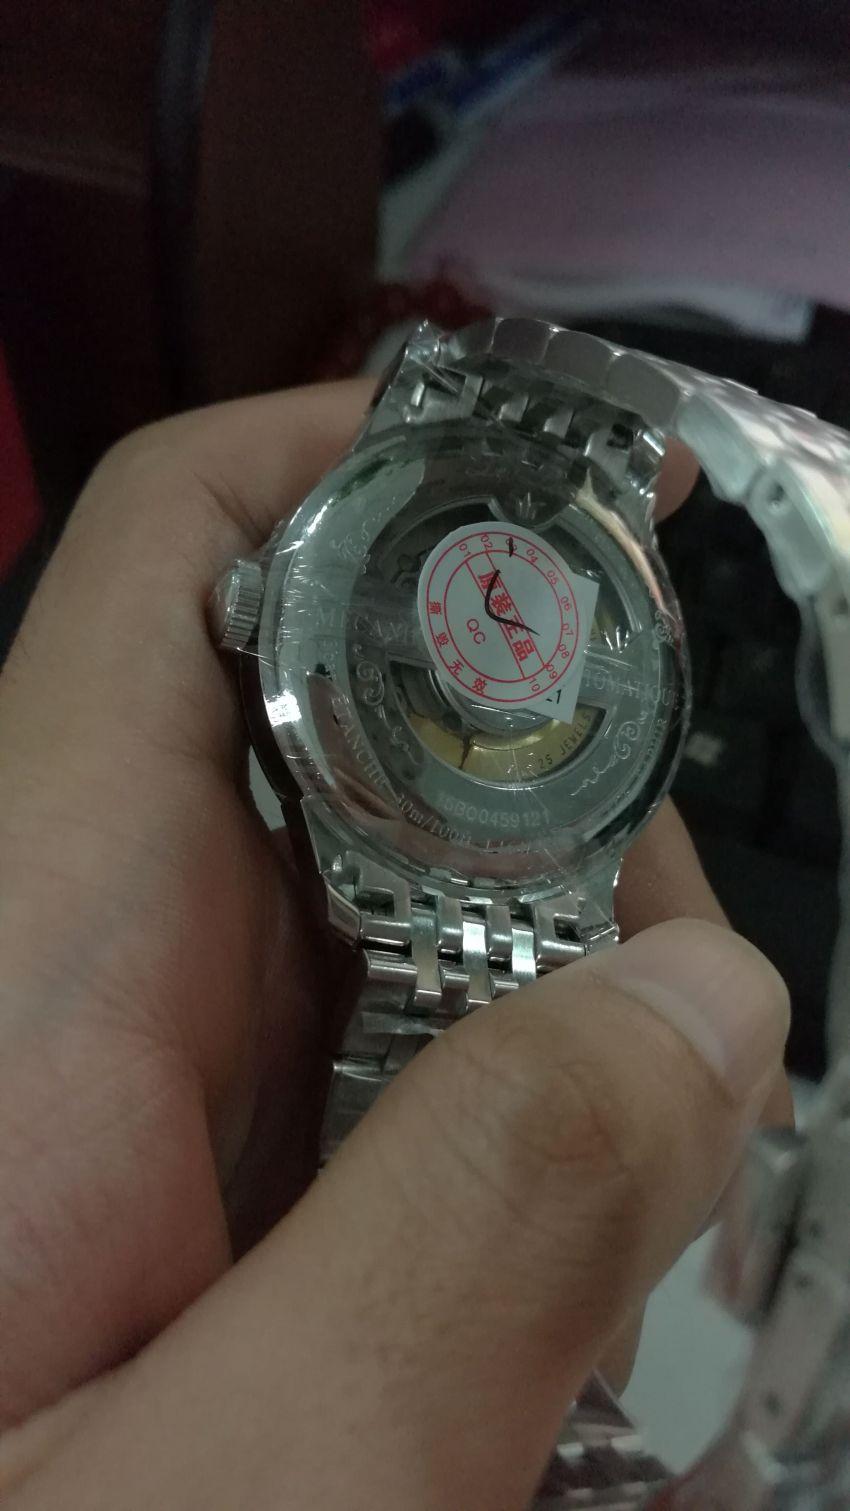 天梭T41.1.483.53手表【表友晒单作业】表挺好看的...